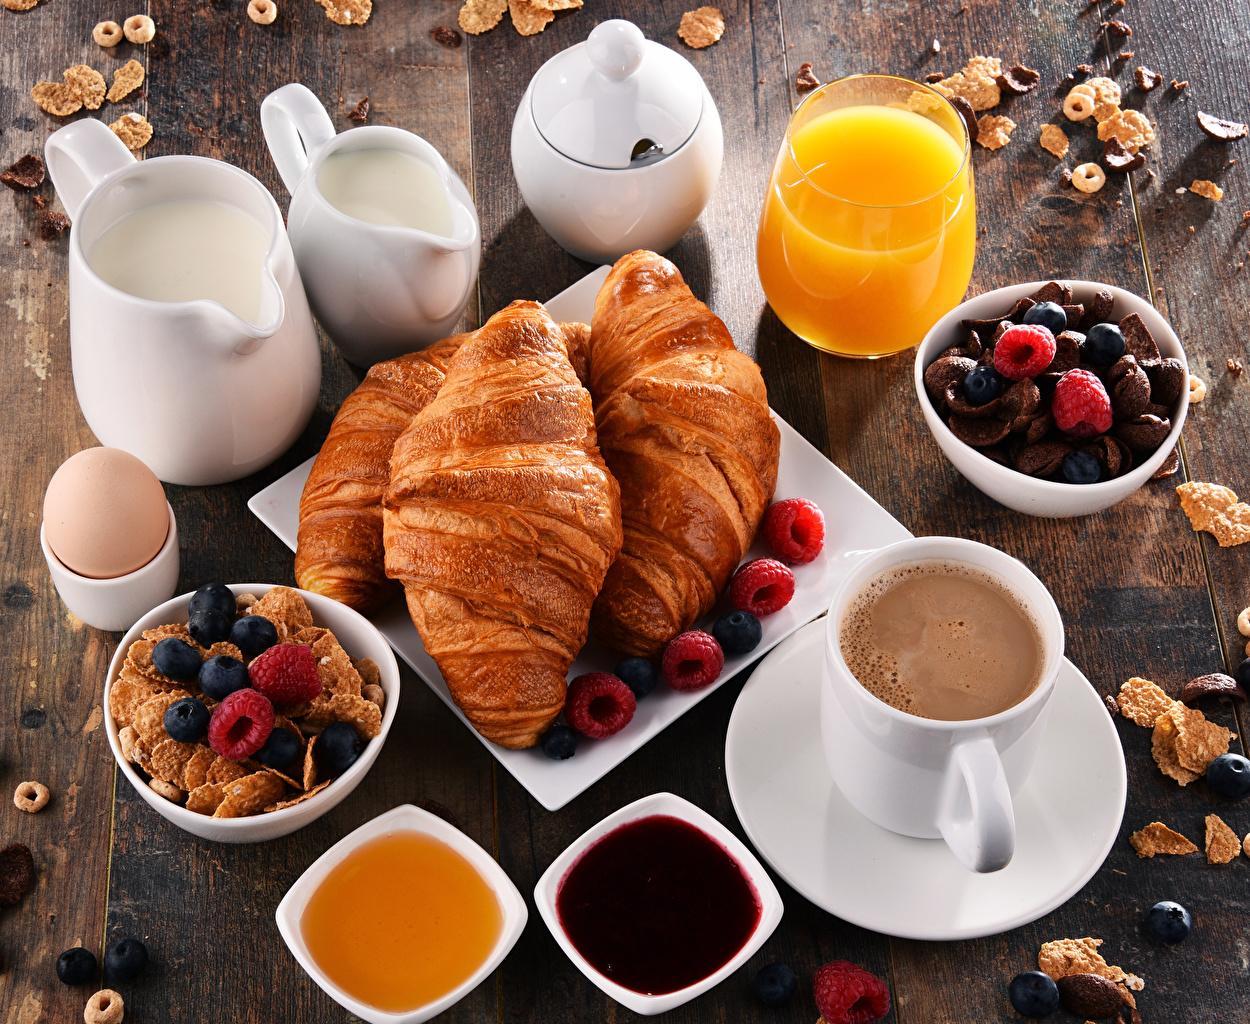 Обои для рабочего стола Молоко Мед Сок Кофе Завтрак Варенье Круассан стакана кувшины Еда Чашка Мюсли Ягоды джем Повидло Кувшин Стакан стакане Пища чашке Продукты питания